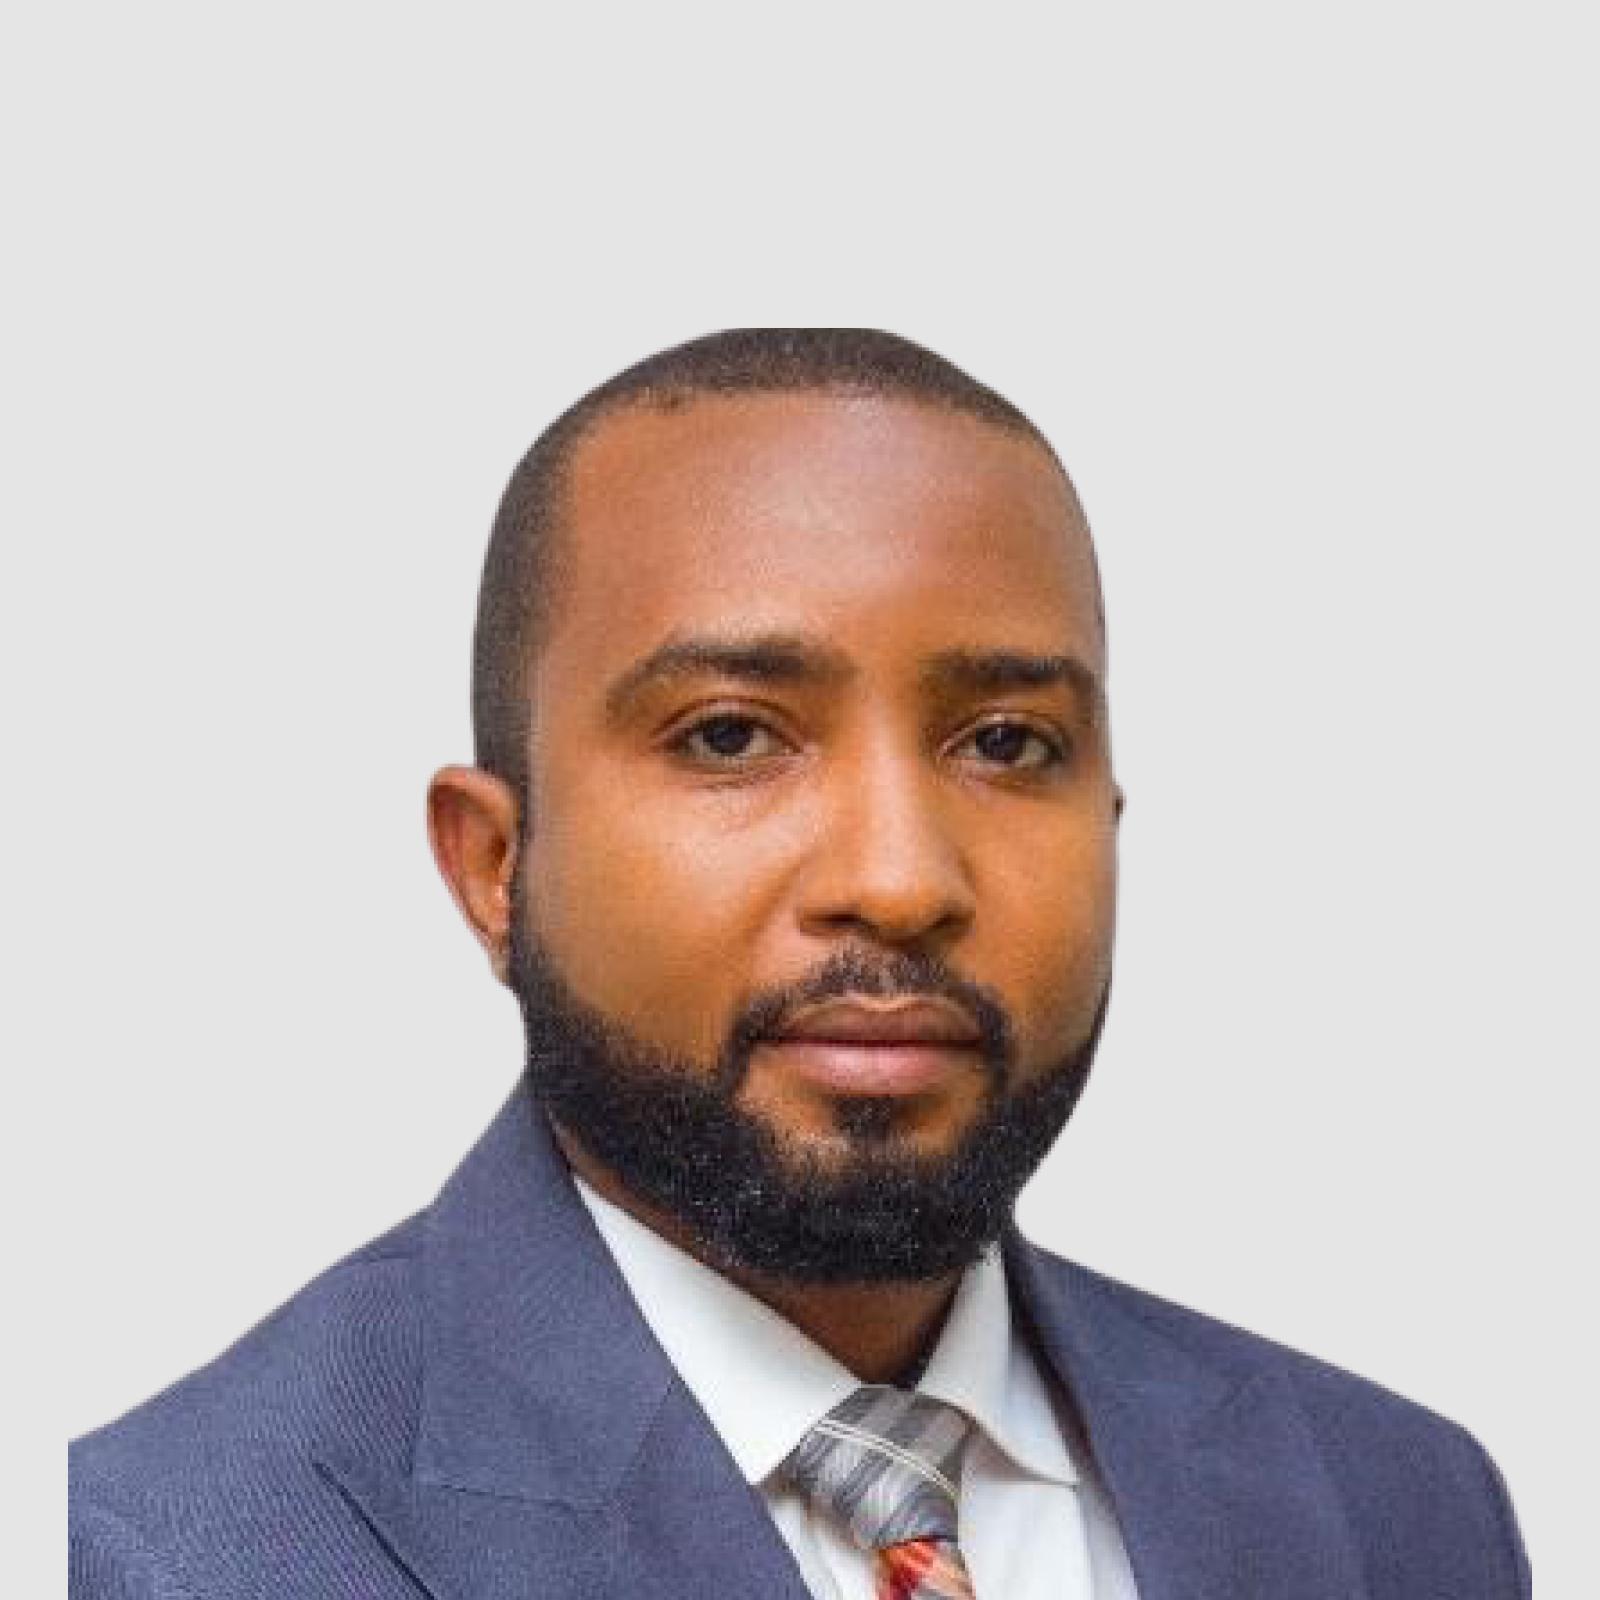 https://devafrique.com/wp-content/uploads/2021/07/Assadigi-Assadugu-Consultant-Nigeria-Ghana-1.jpg